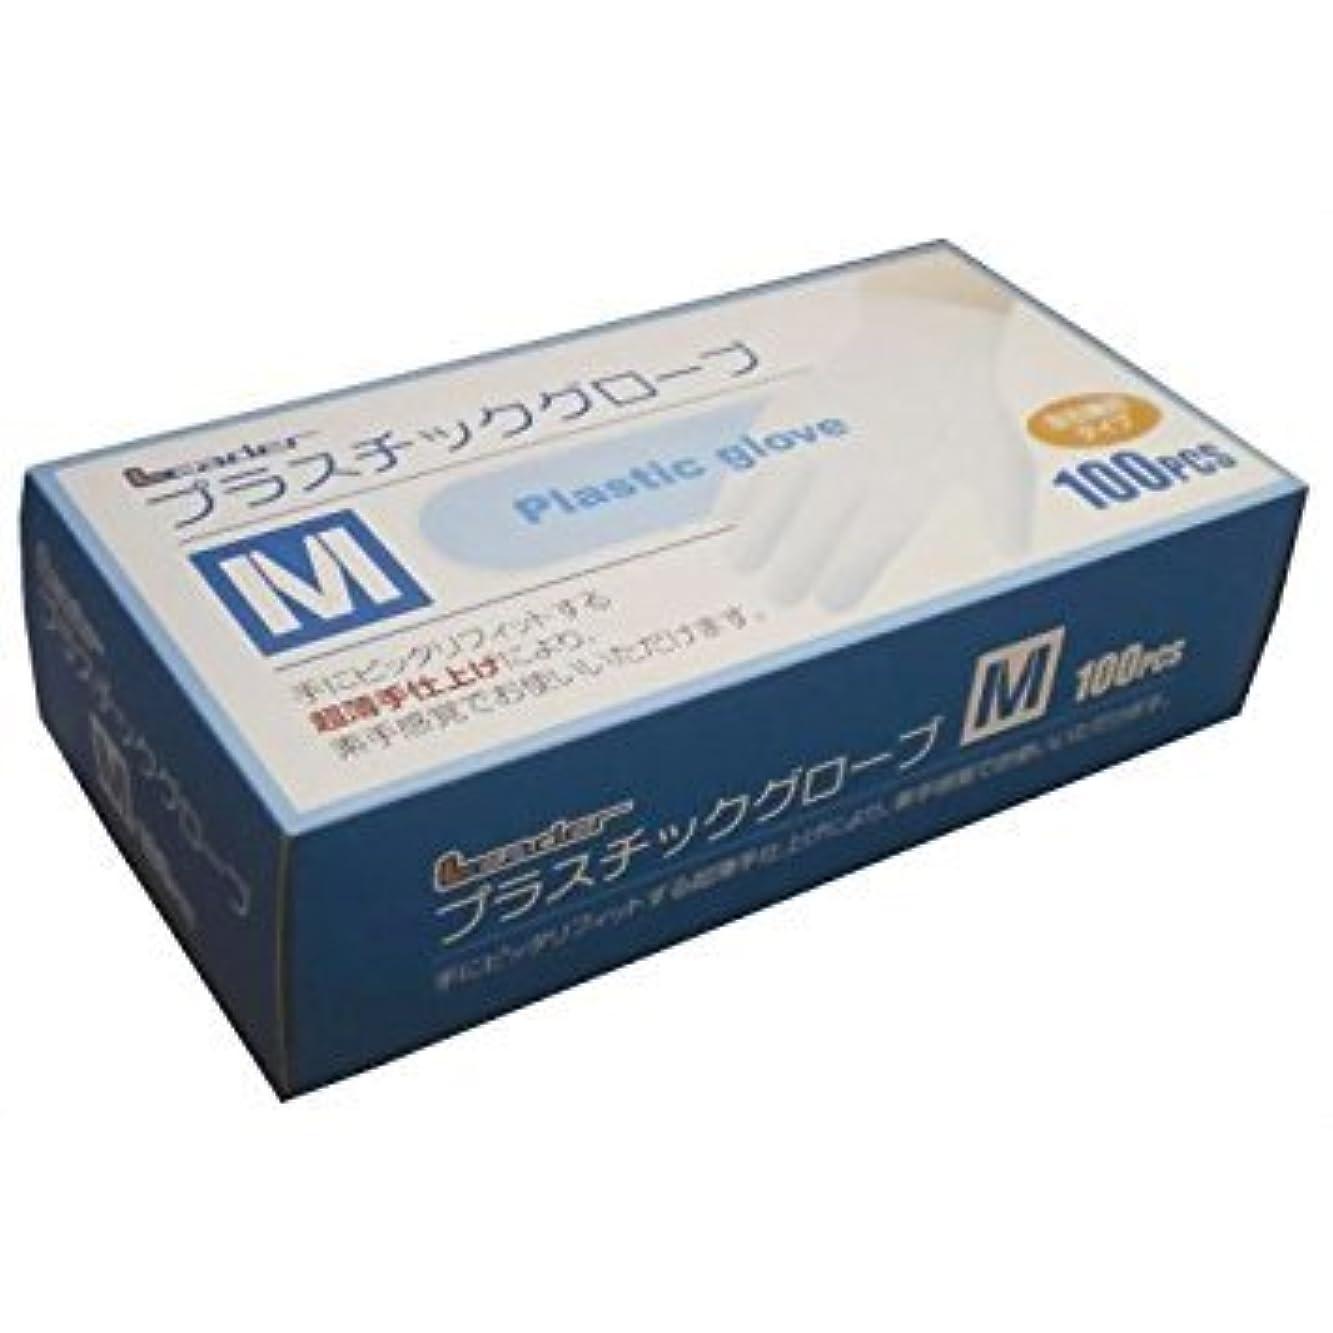 「梱売」リーダー プラスチックグローブ Mサイズ 100枚入x10箱セット